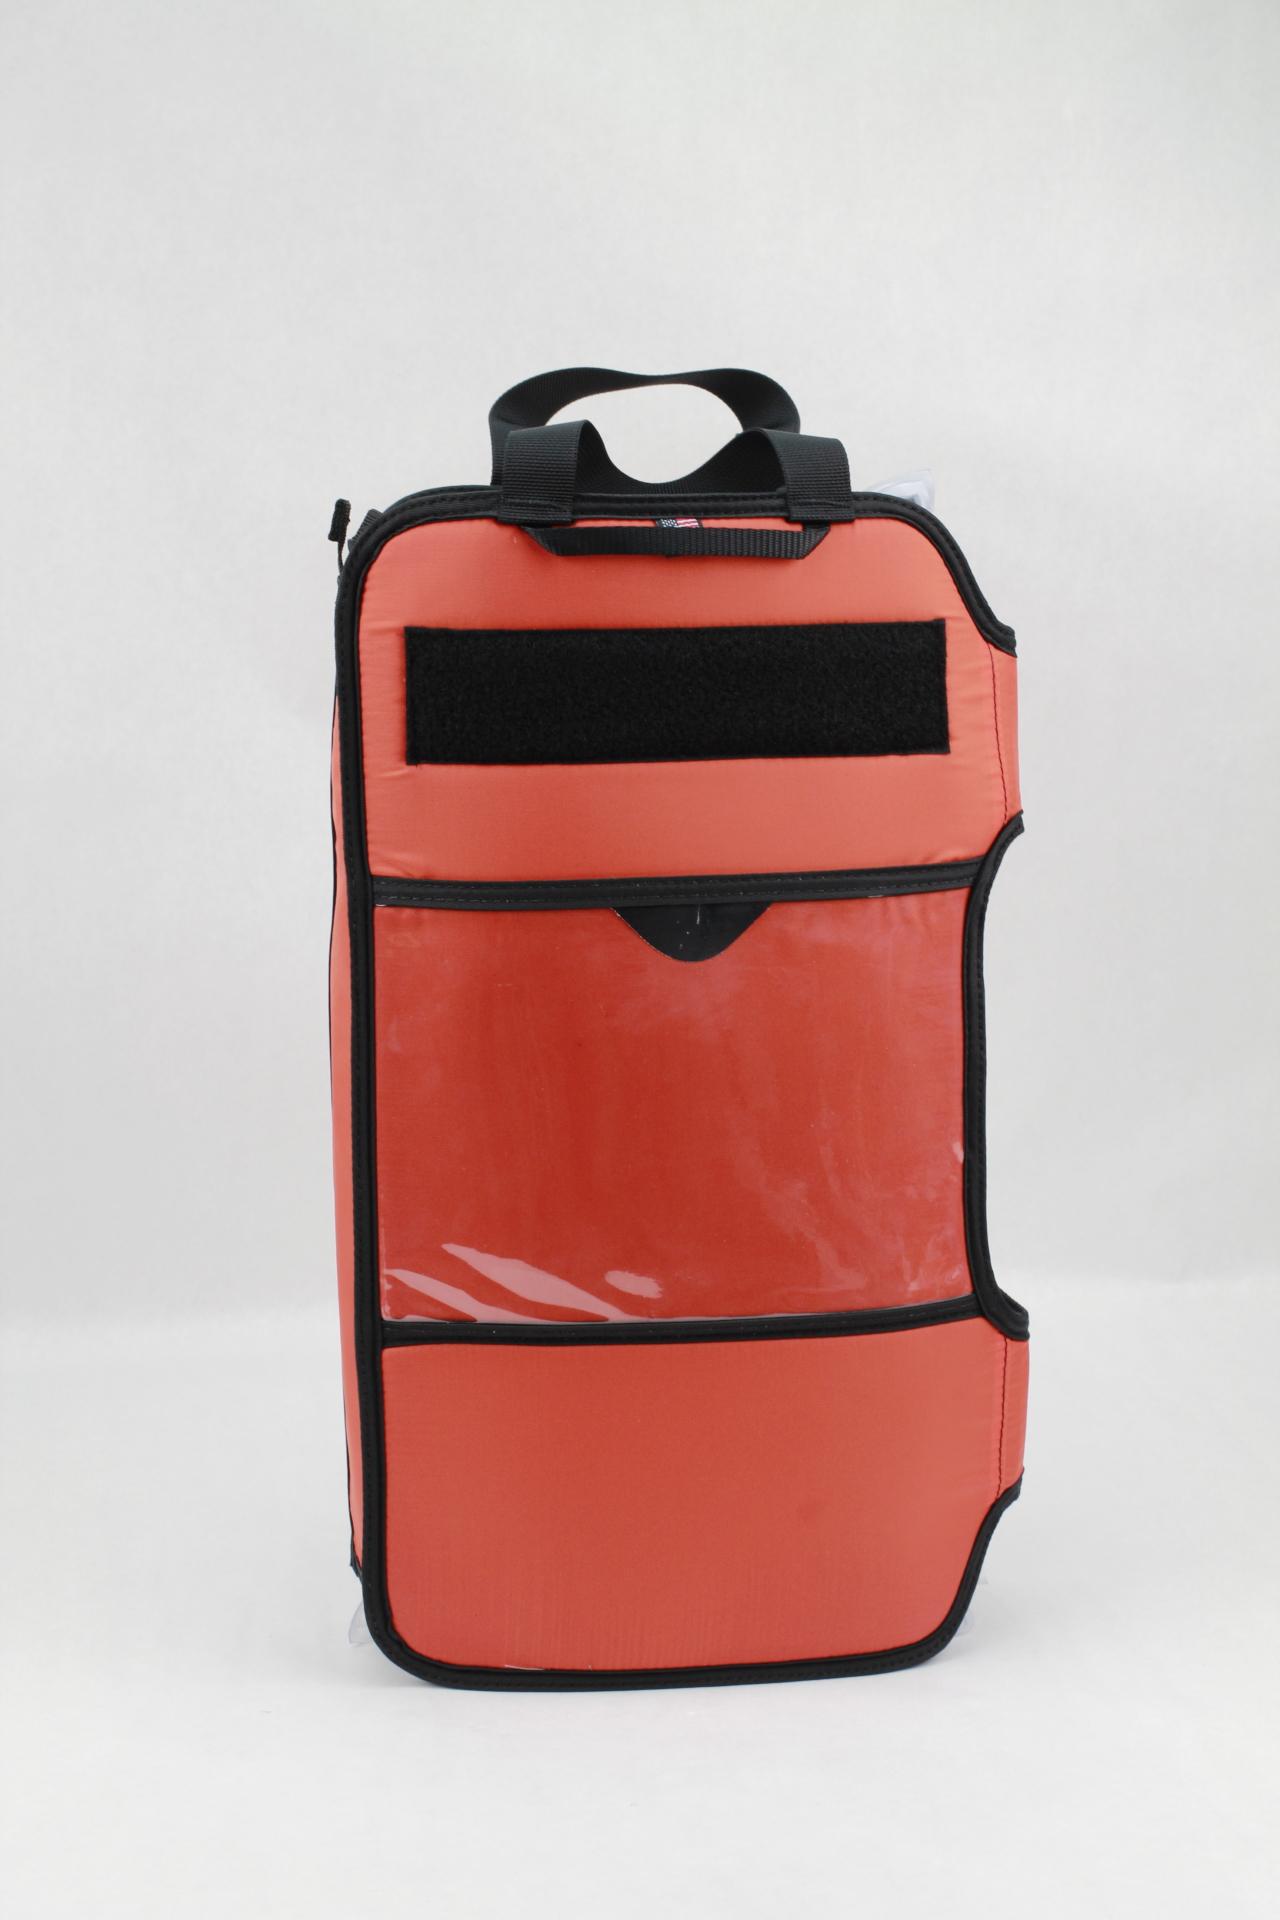 Large Civilian DASH bag front view